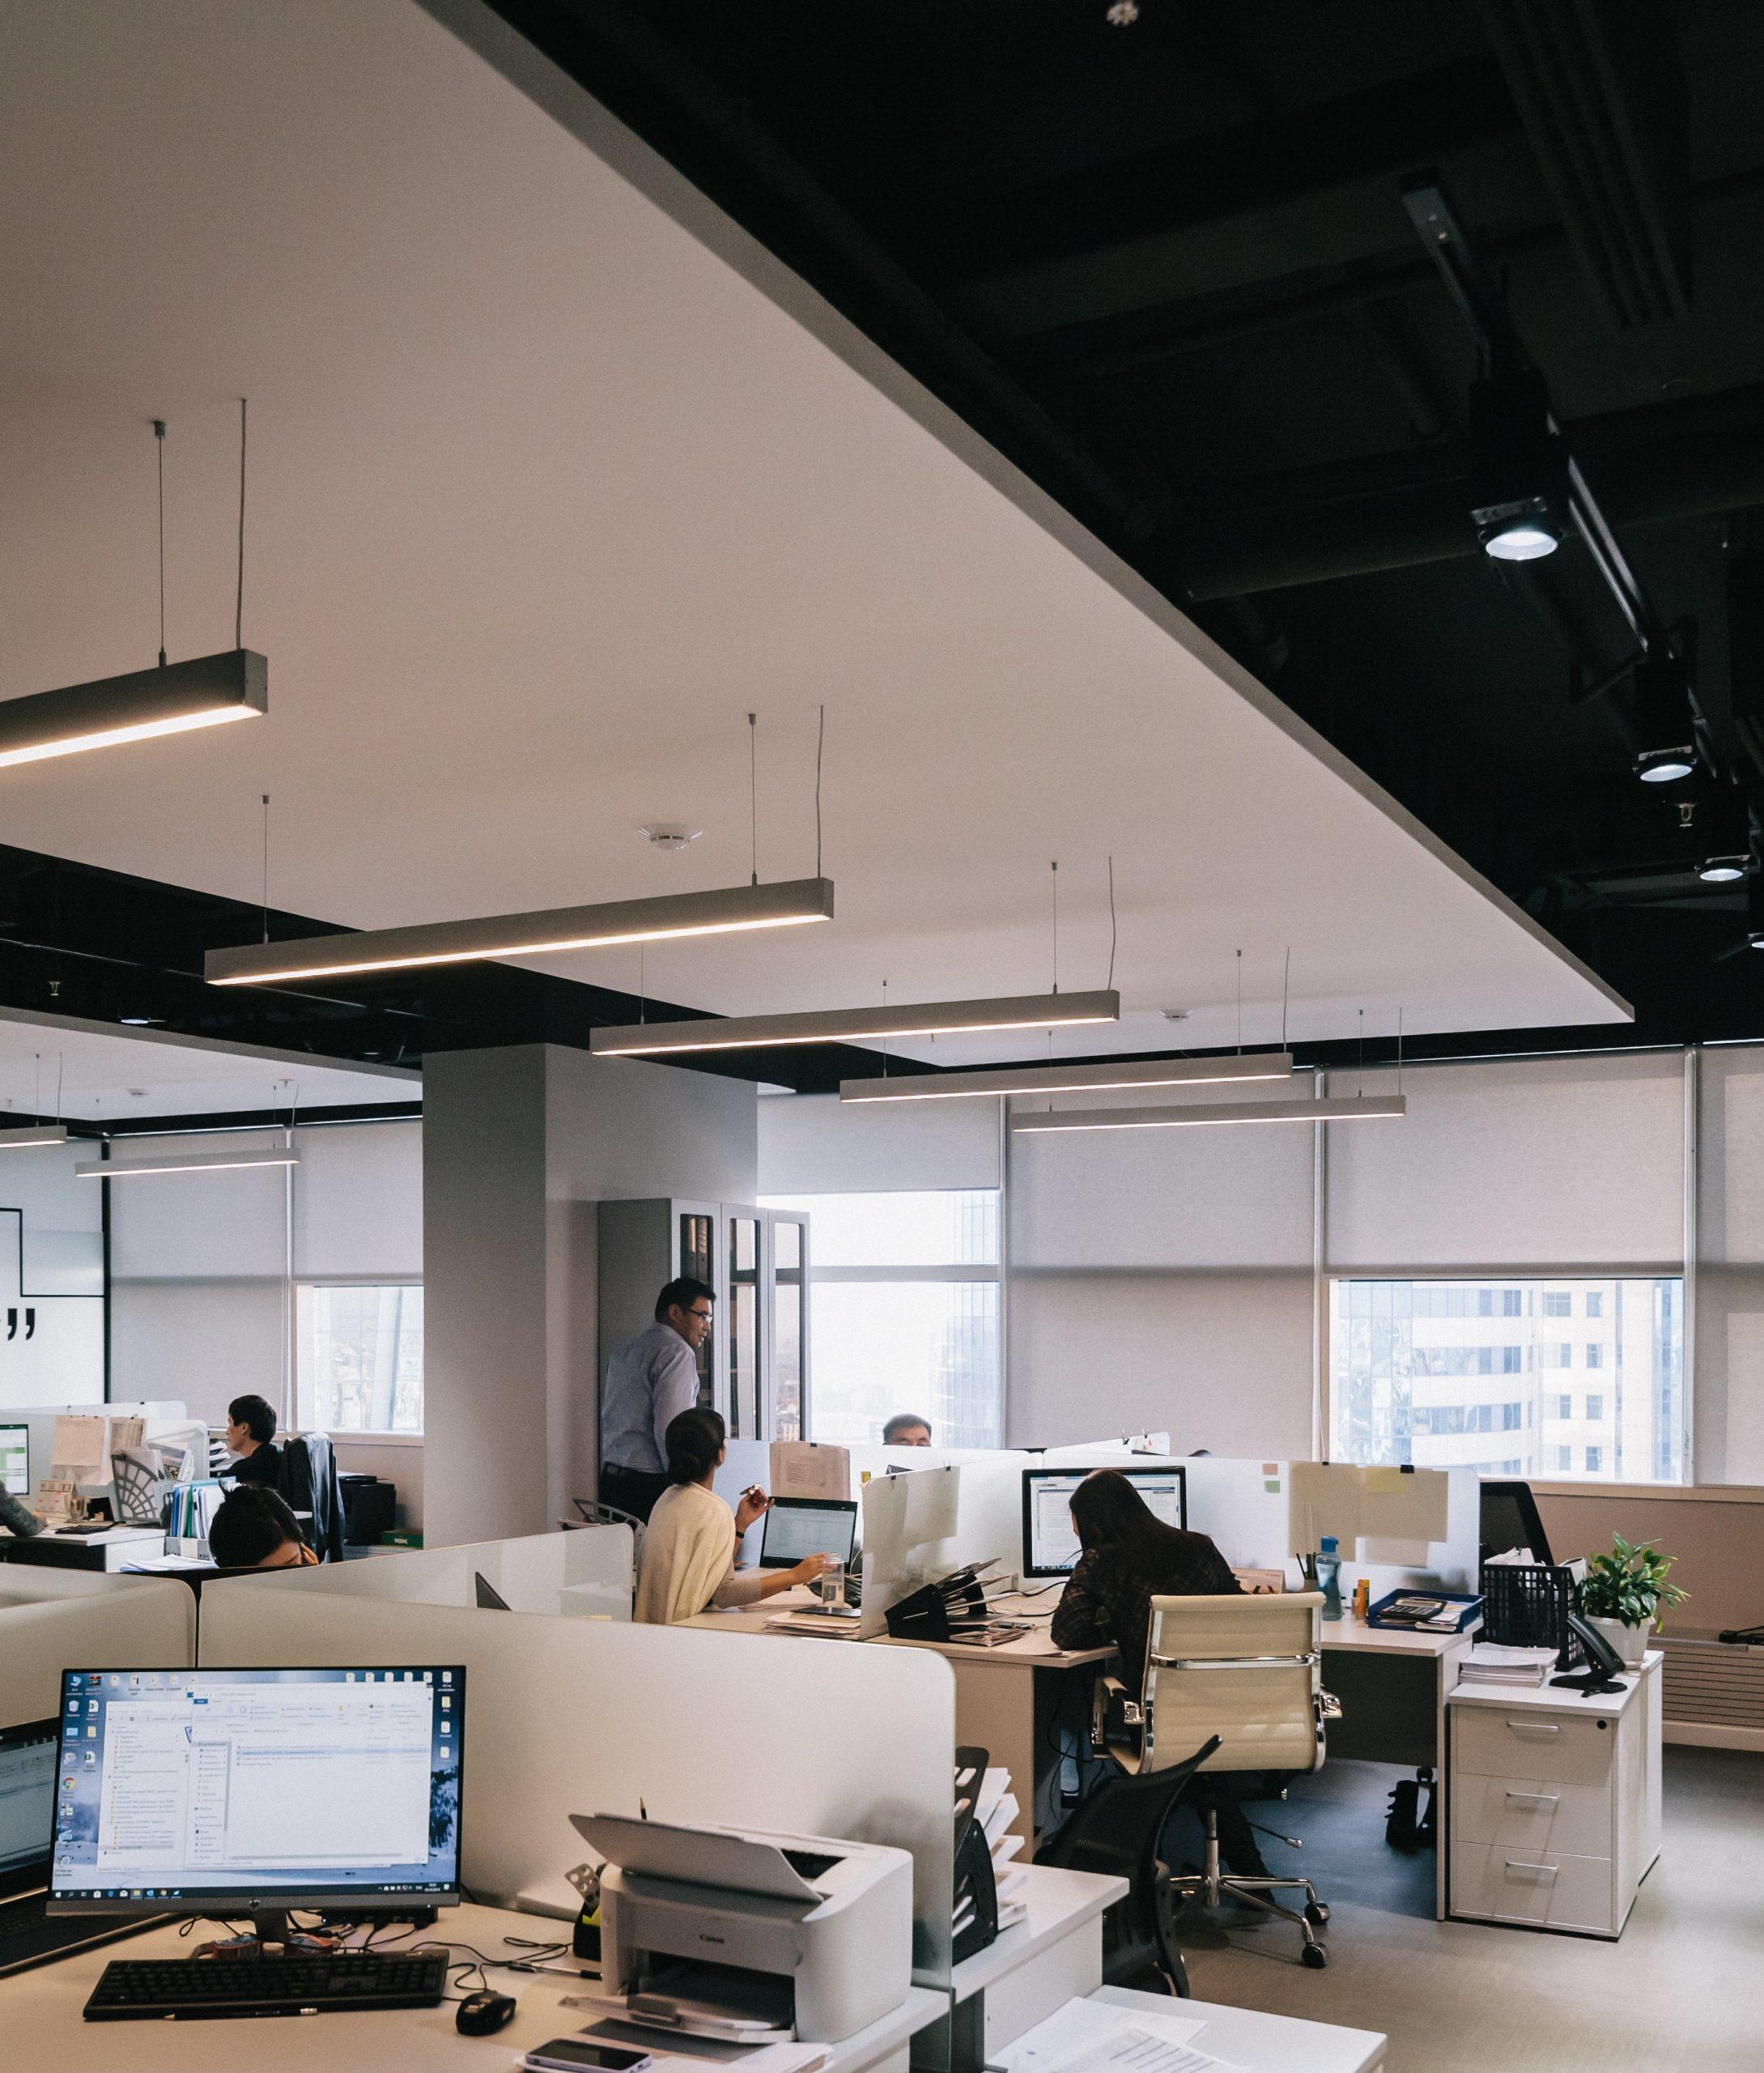 Hire Freelancer Online & Find Freelance Work